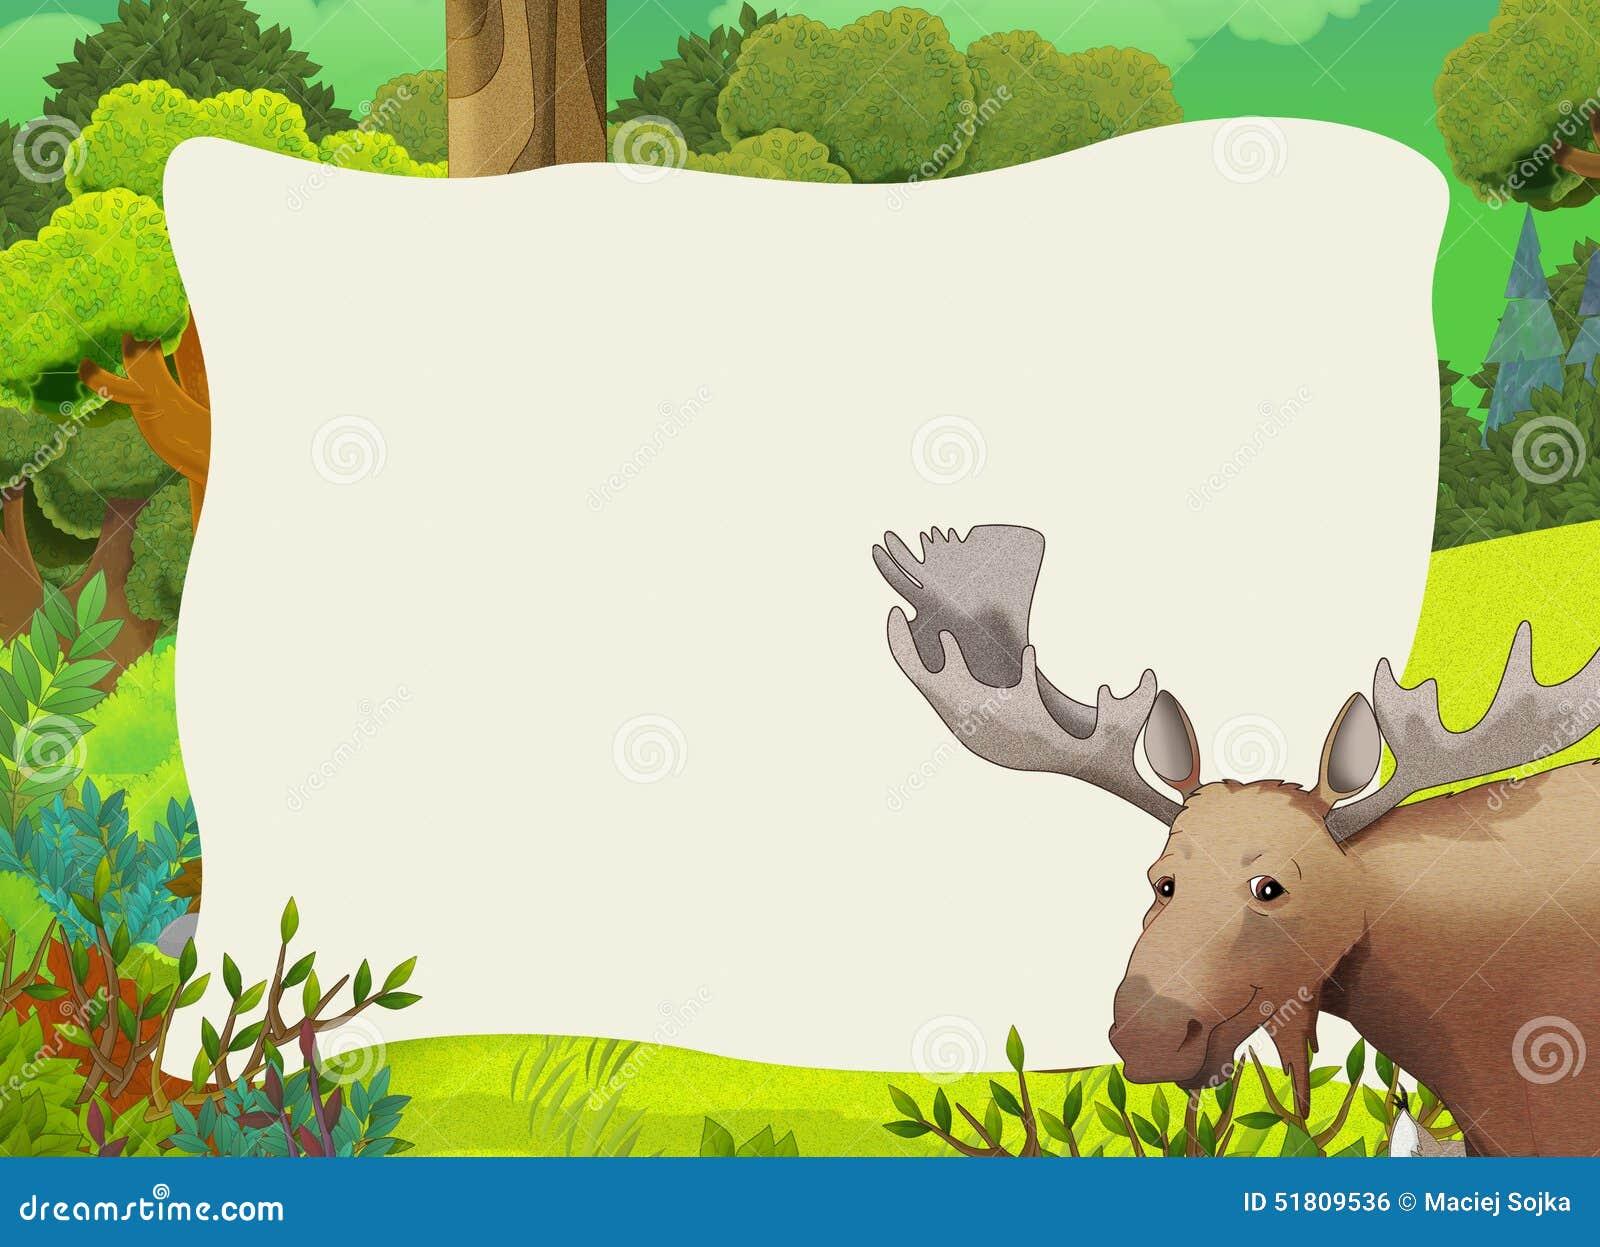 做ppt的森林背景图片展示图片